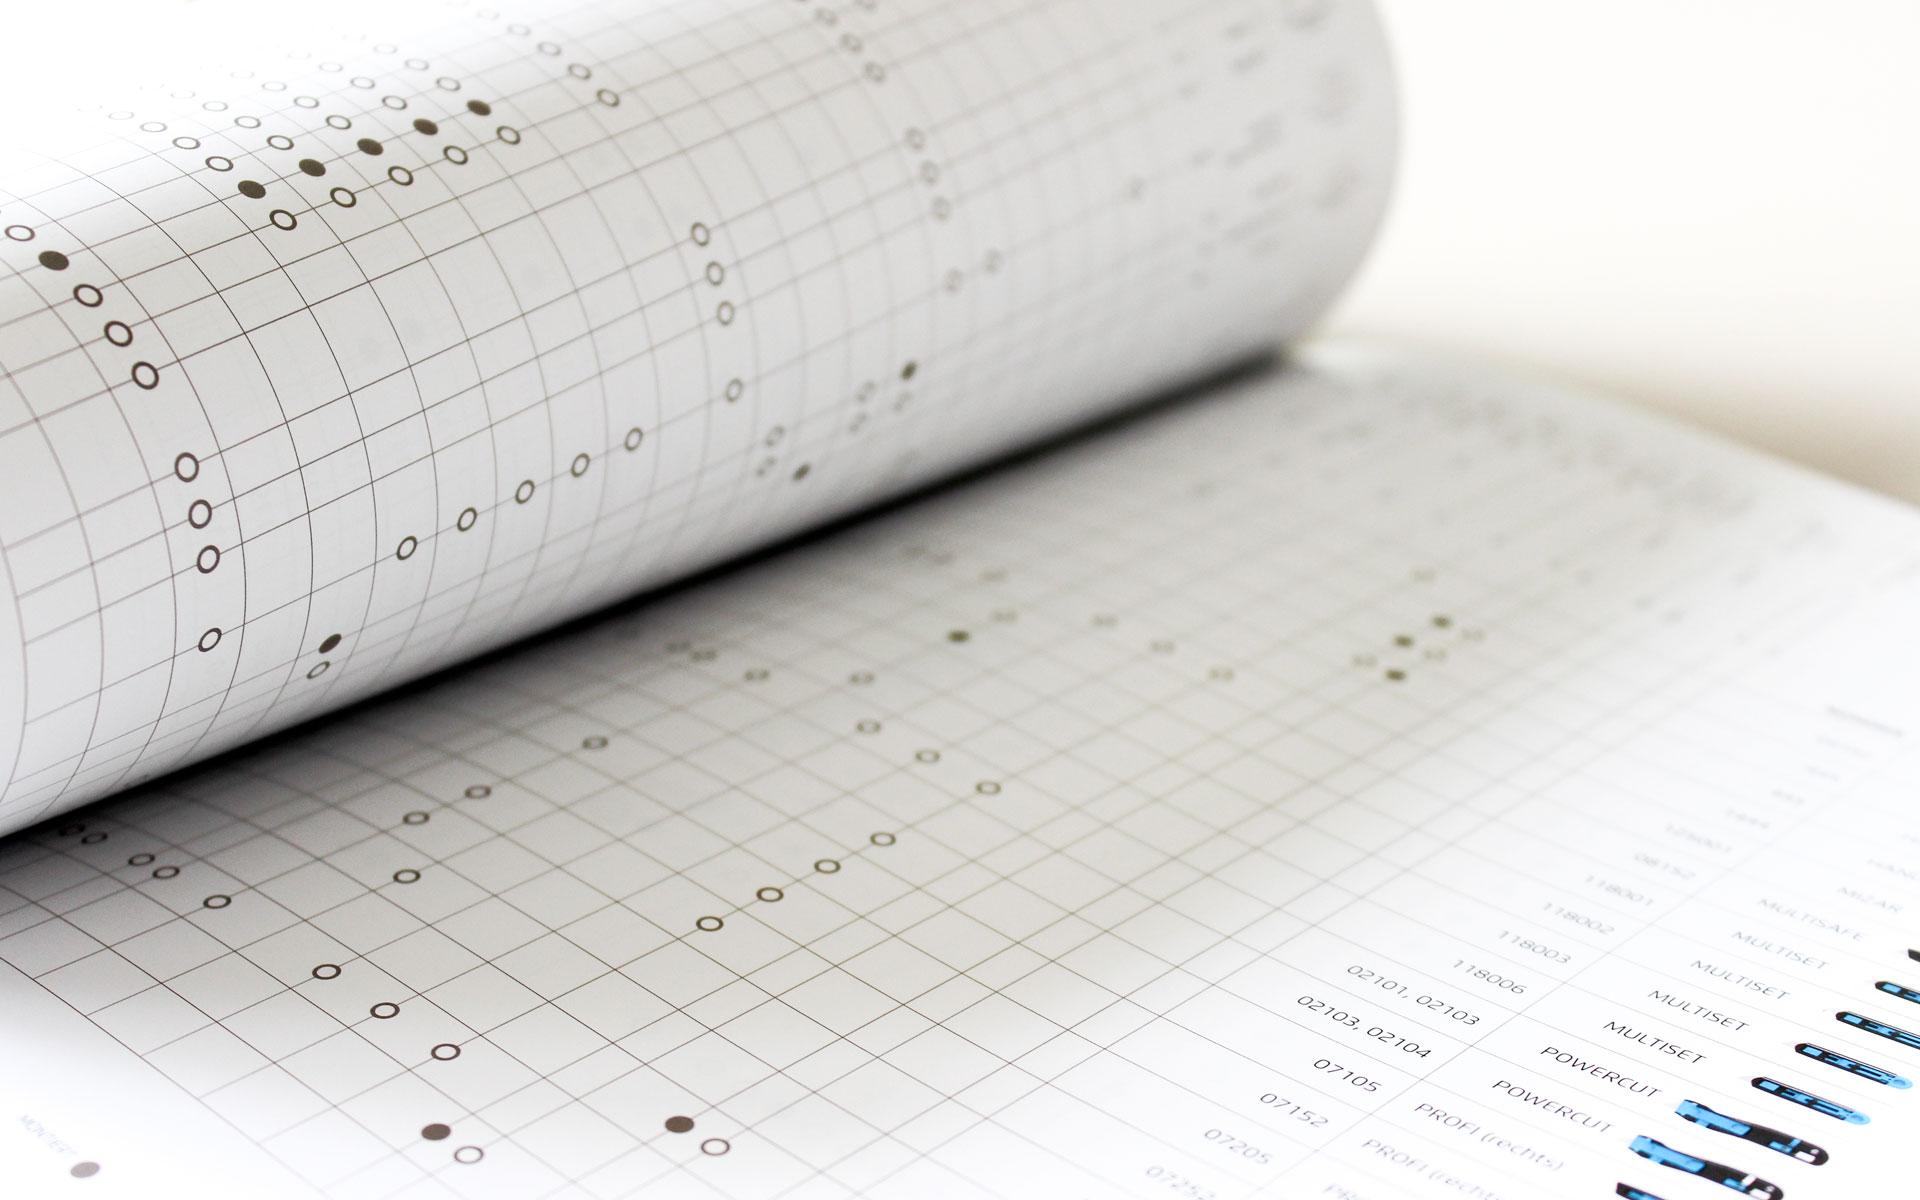 MARTOR Broschürenkonzept, Sicherheitsmesser Katalog, Piktogramm-Legende, Typografie Tabelle